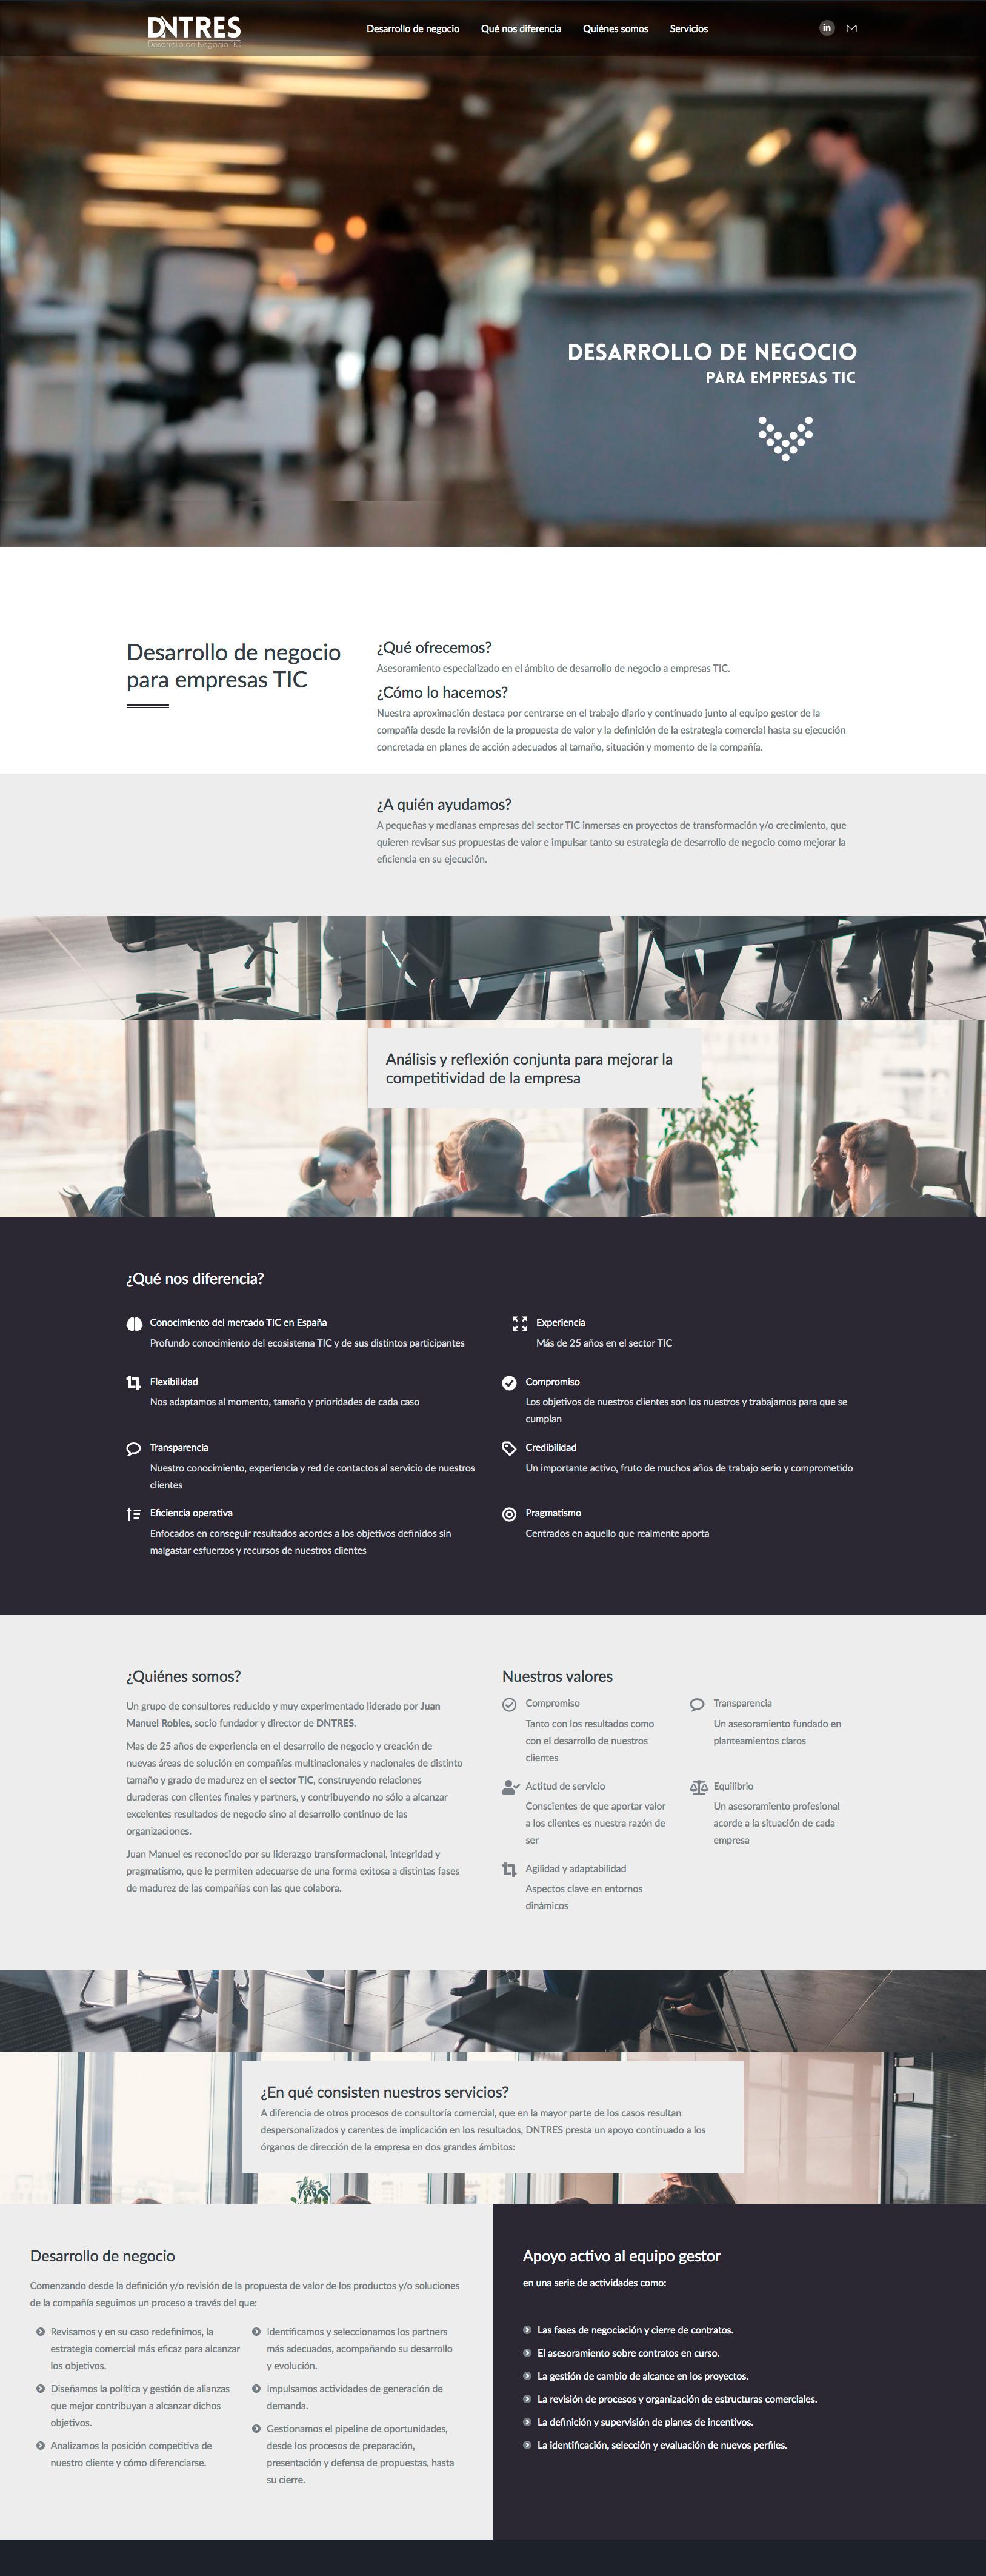 dntres - Desarrollo de negocio para empresas TIC